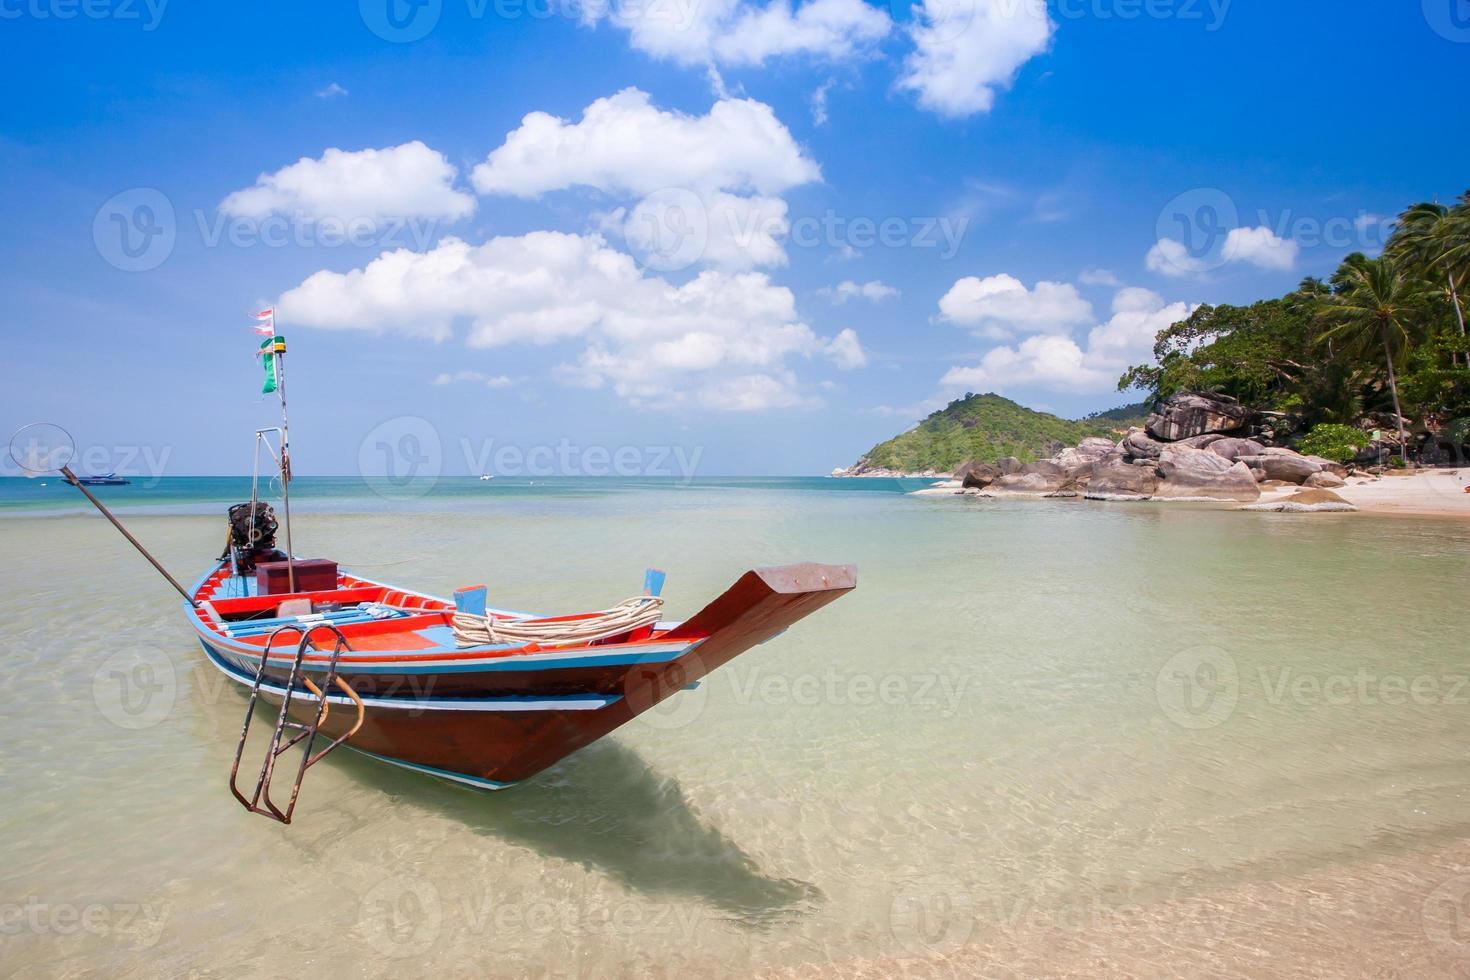 buntes Boot auf dem Wasser foto